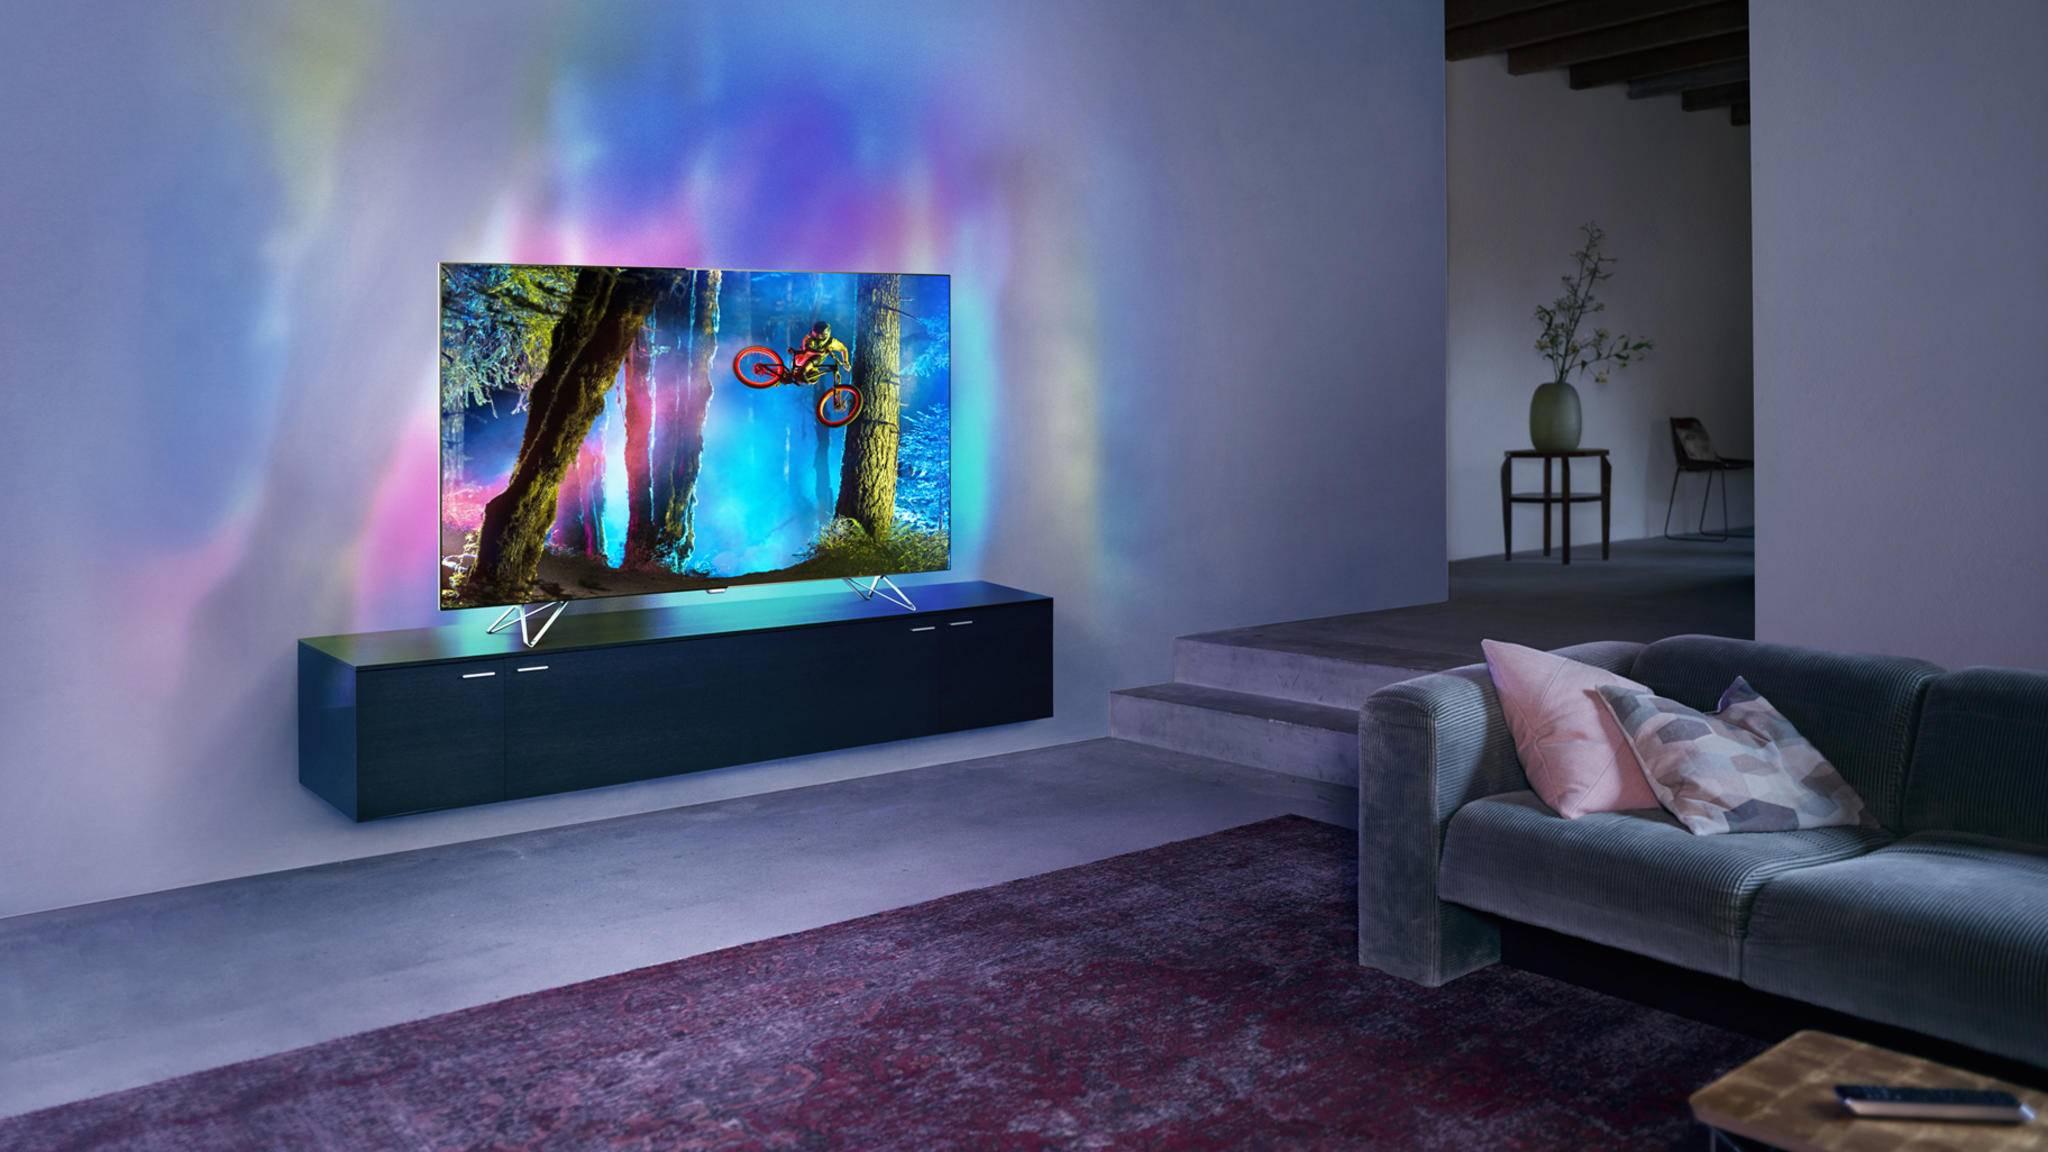 Grundig Fernseher Mit Laptop Verbinden : Laptop mit fernseher verbinden per hdmi vga kabellos & miracast